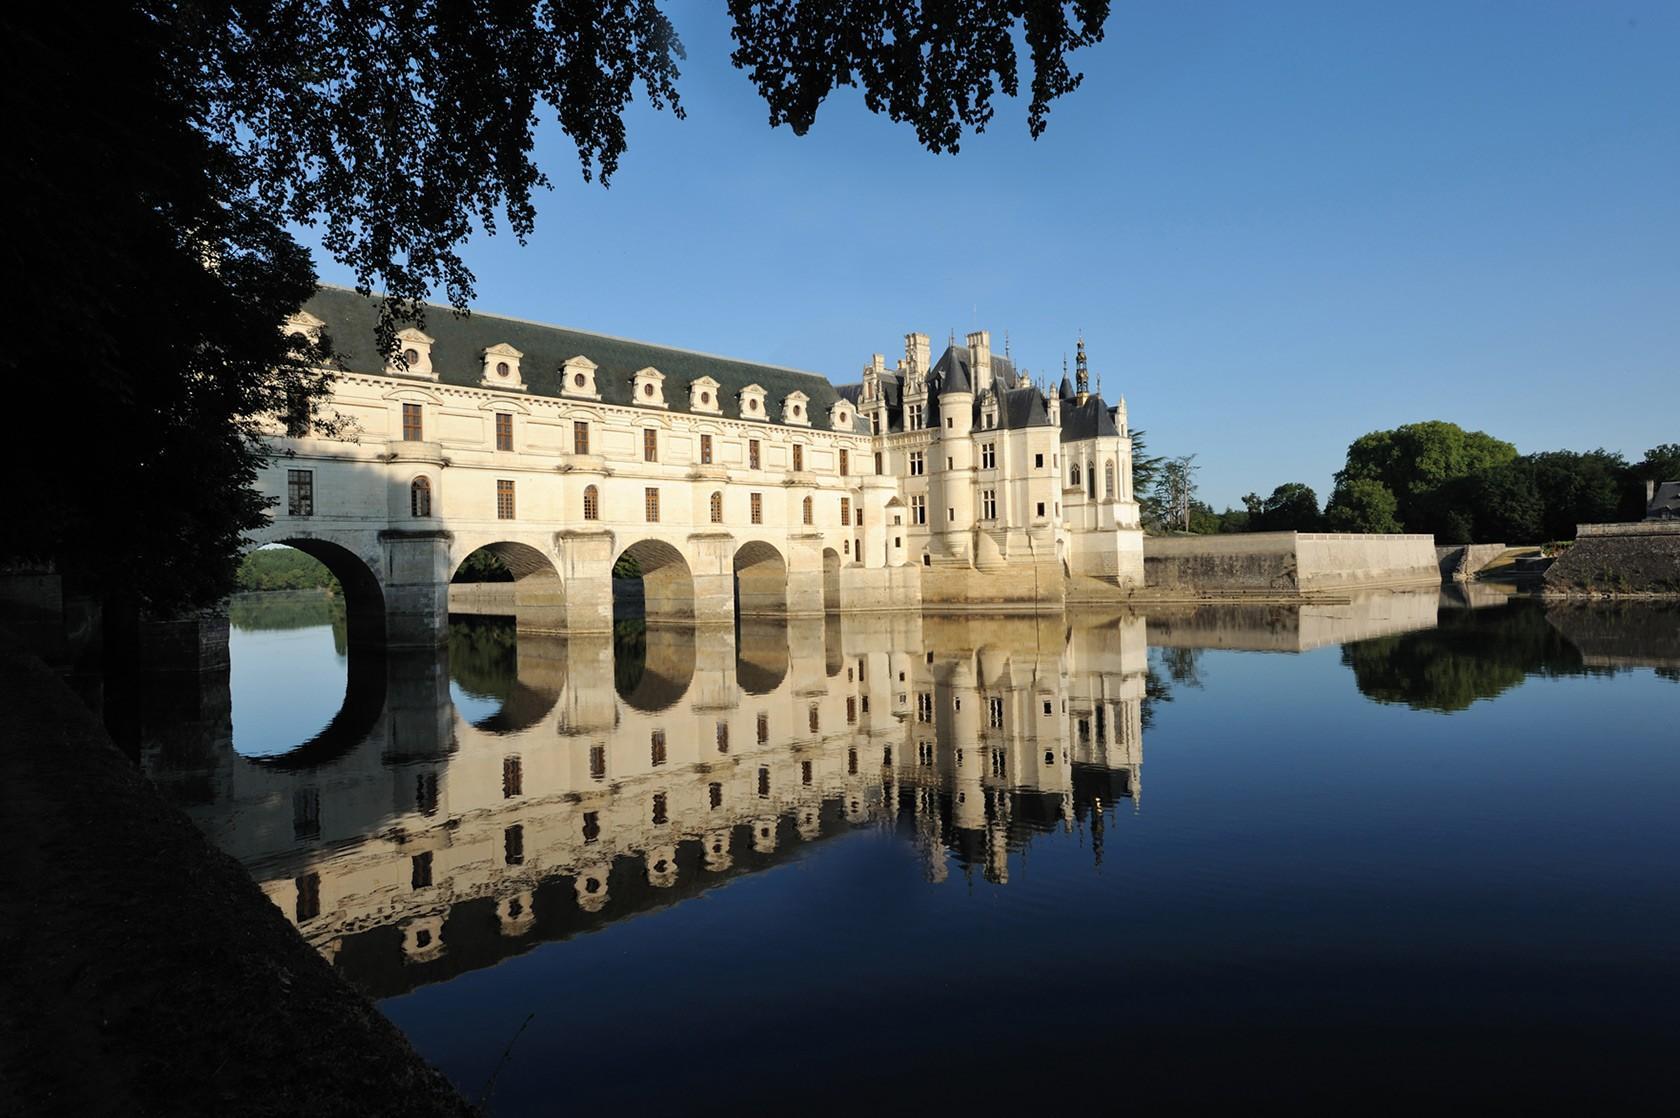 8 jours à vélo entre Amboise et Azay-le-Rideau